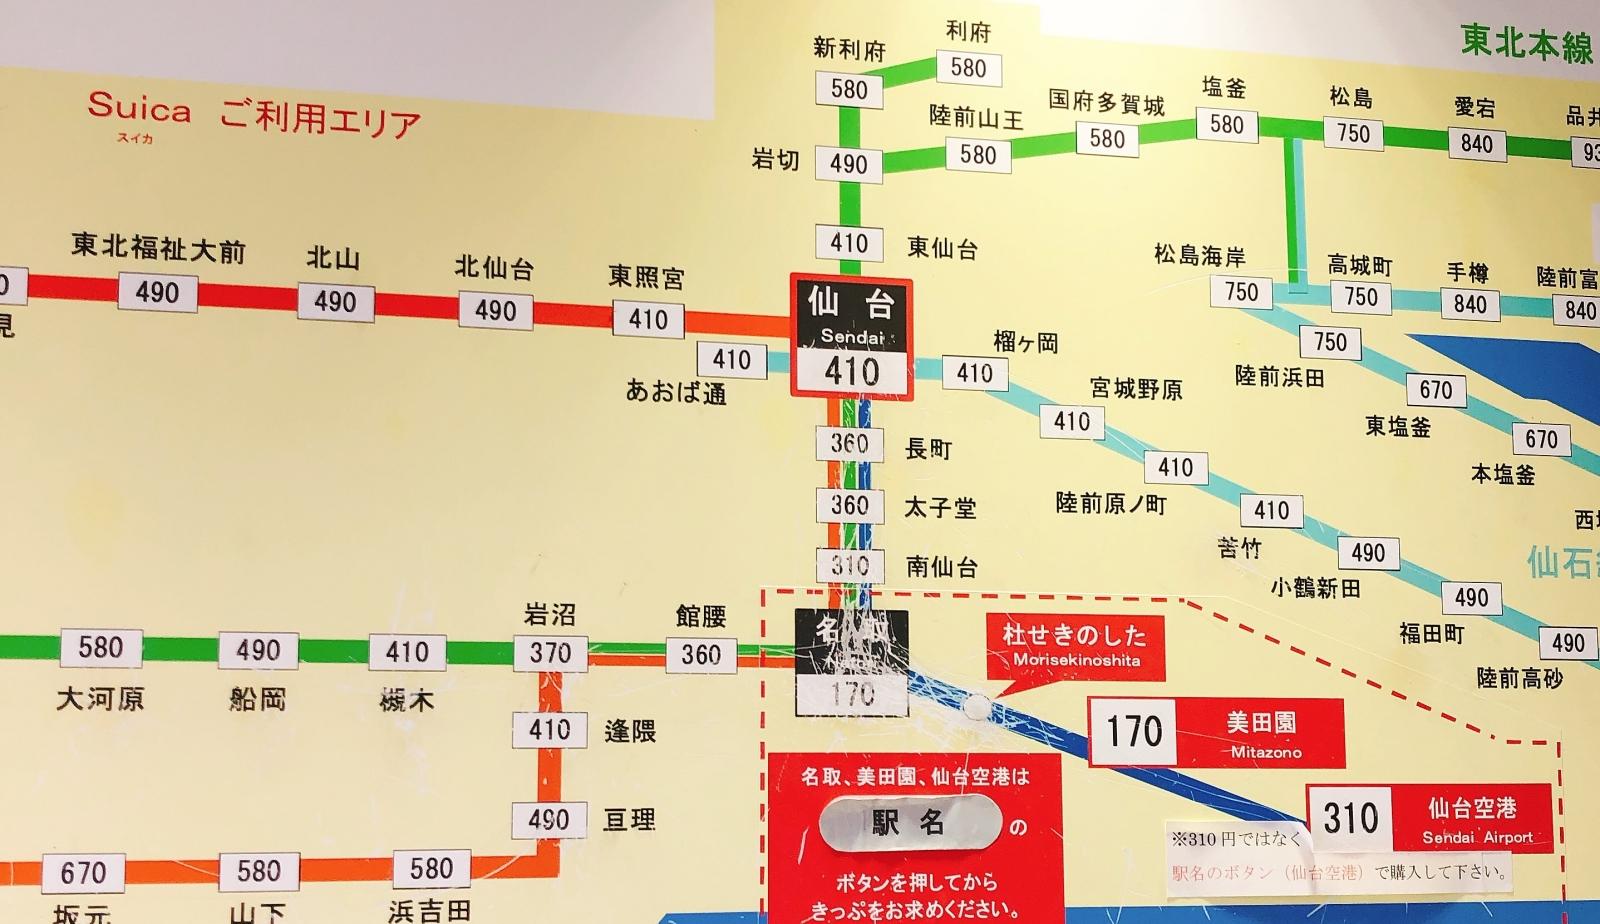 南仙台 駅 から 仙台 駅